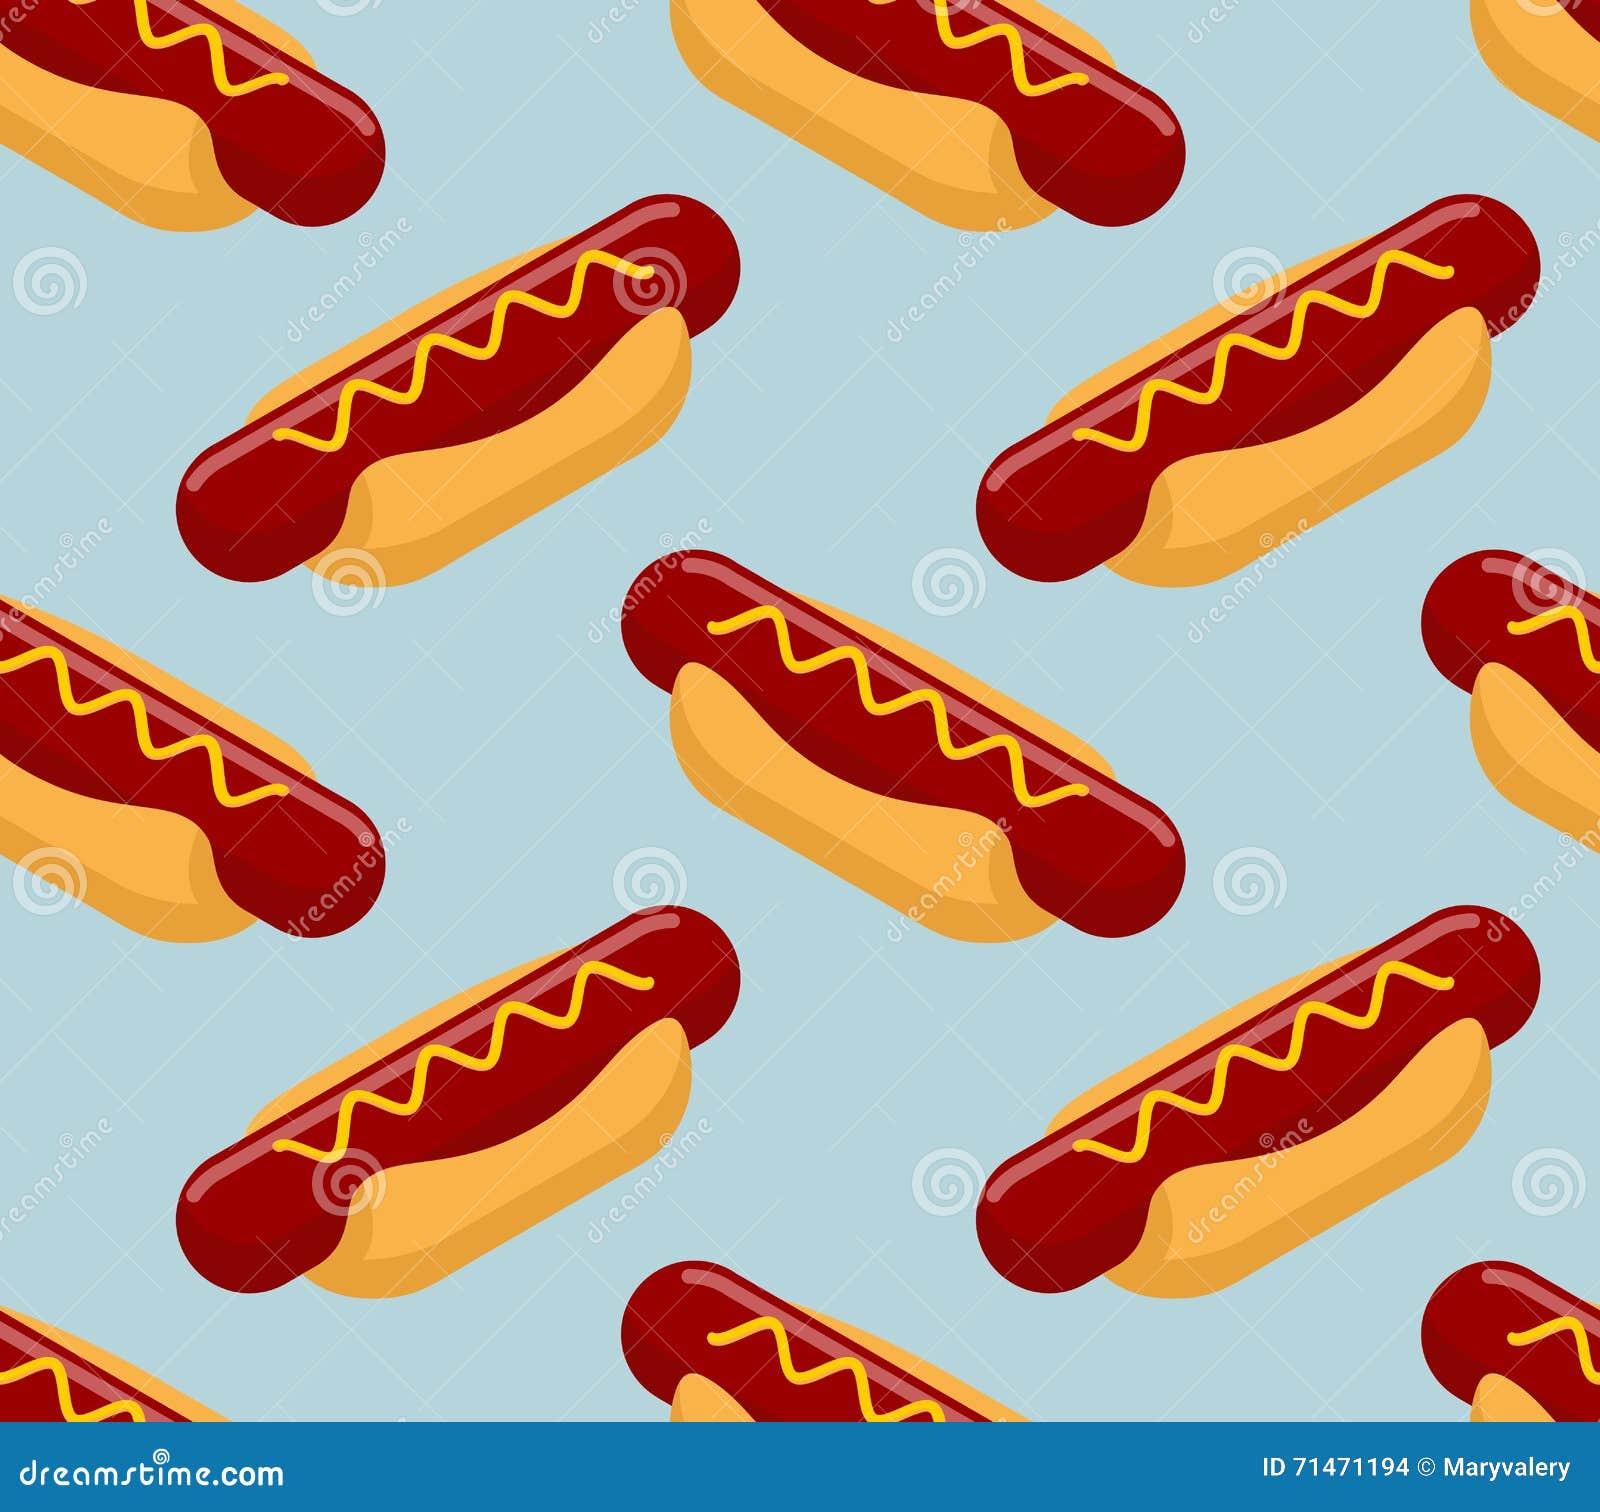 Hot Dog Bun Texture